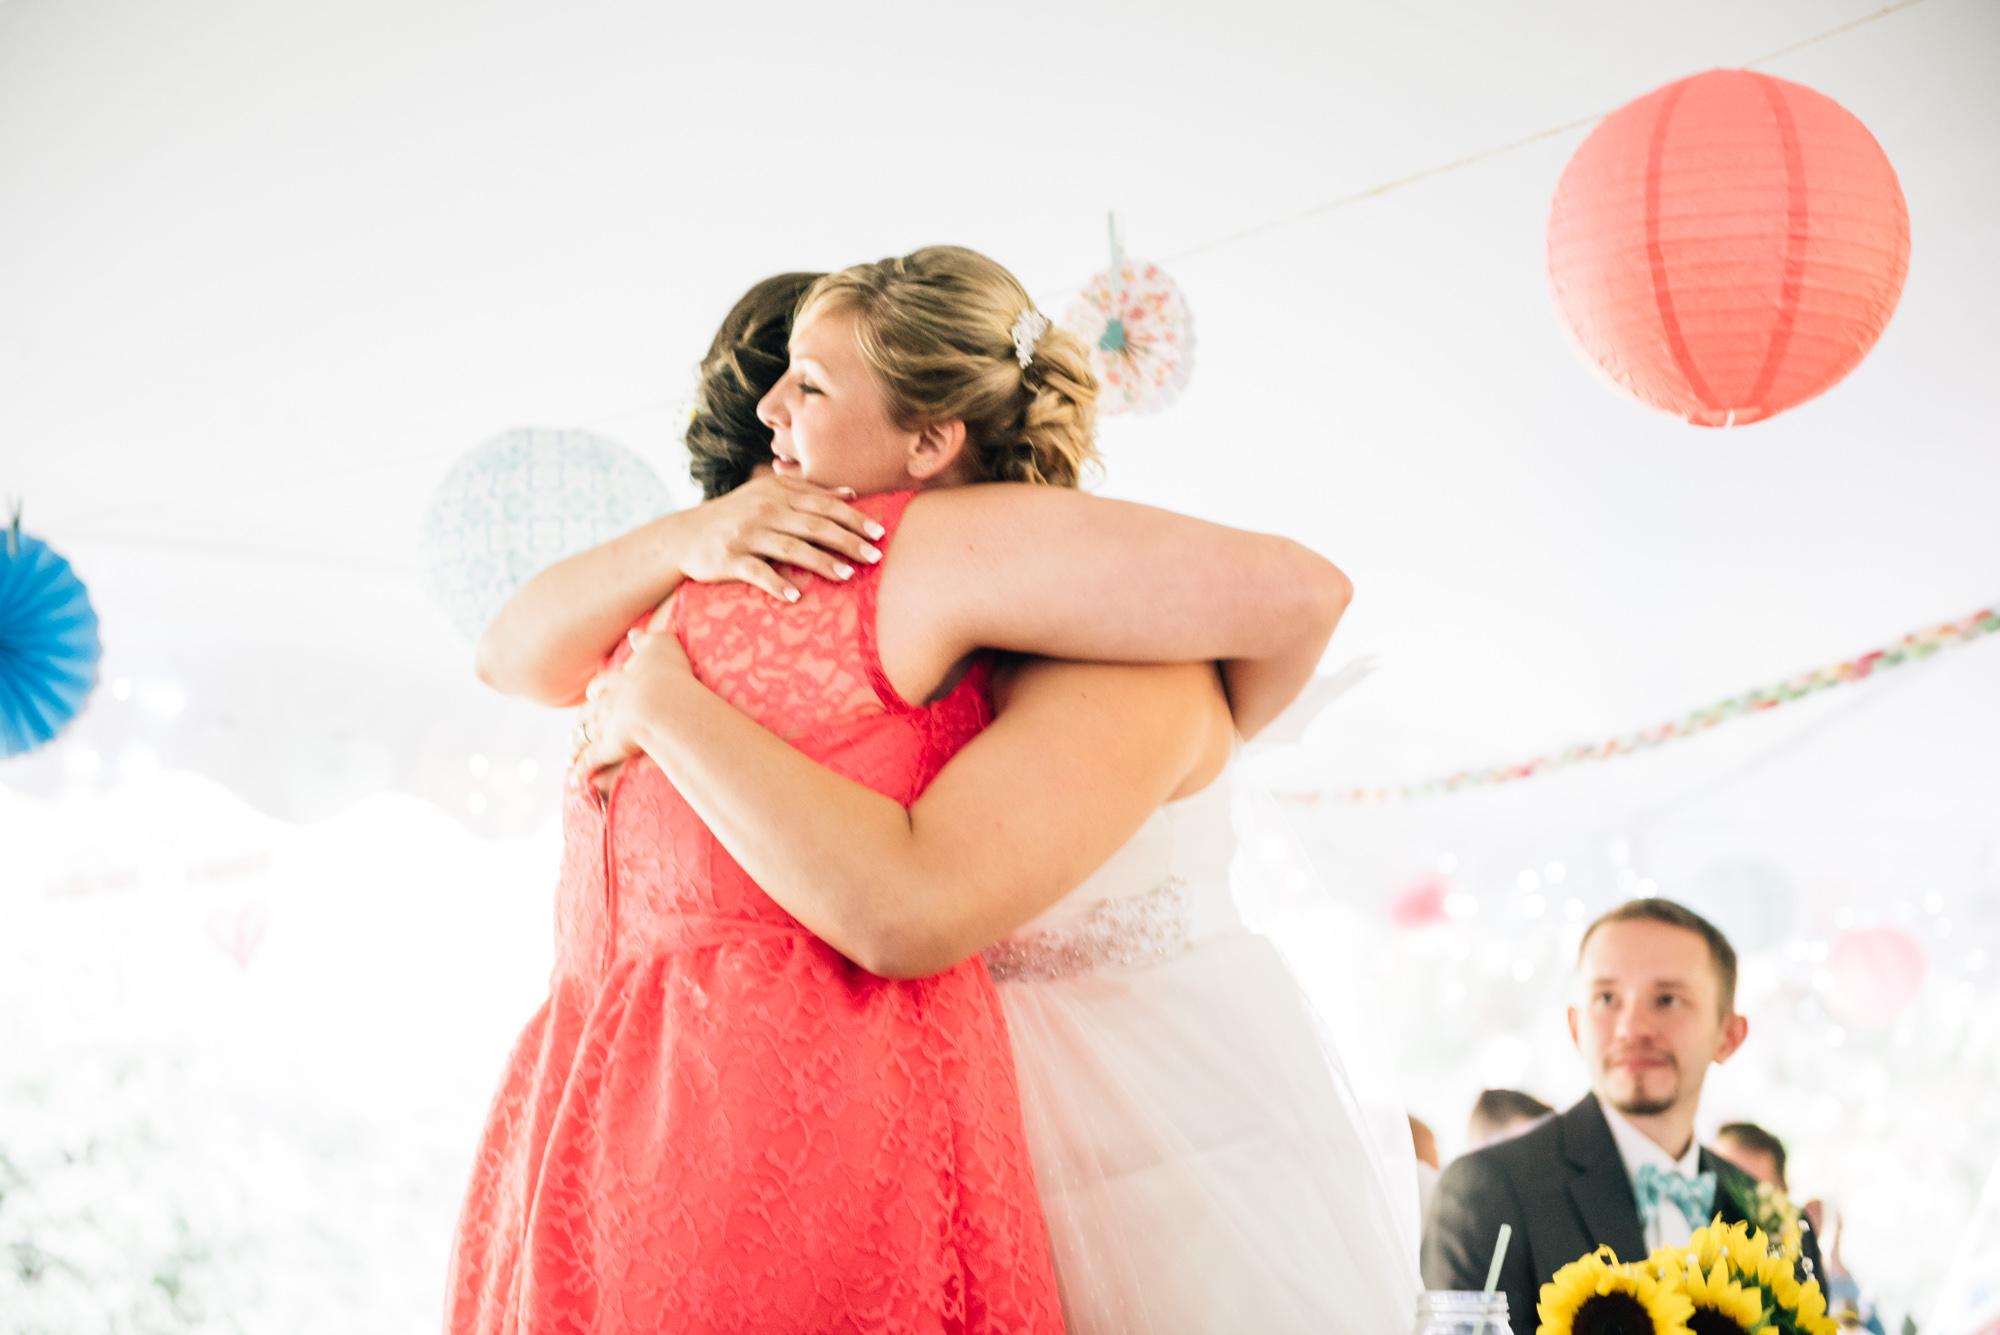 Sister hug